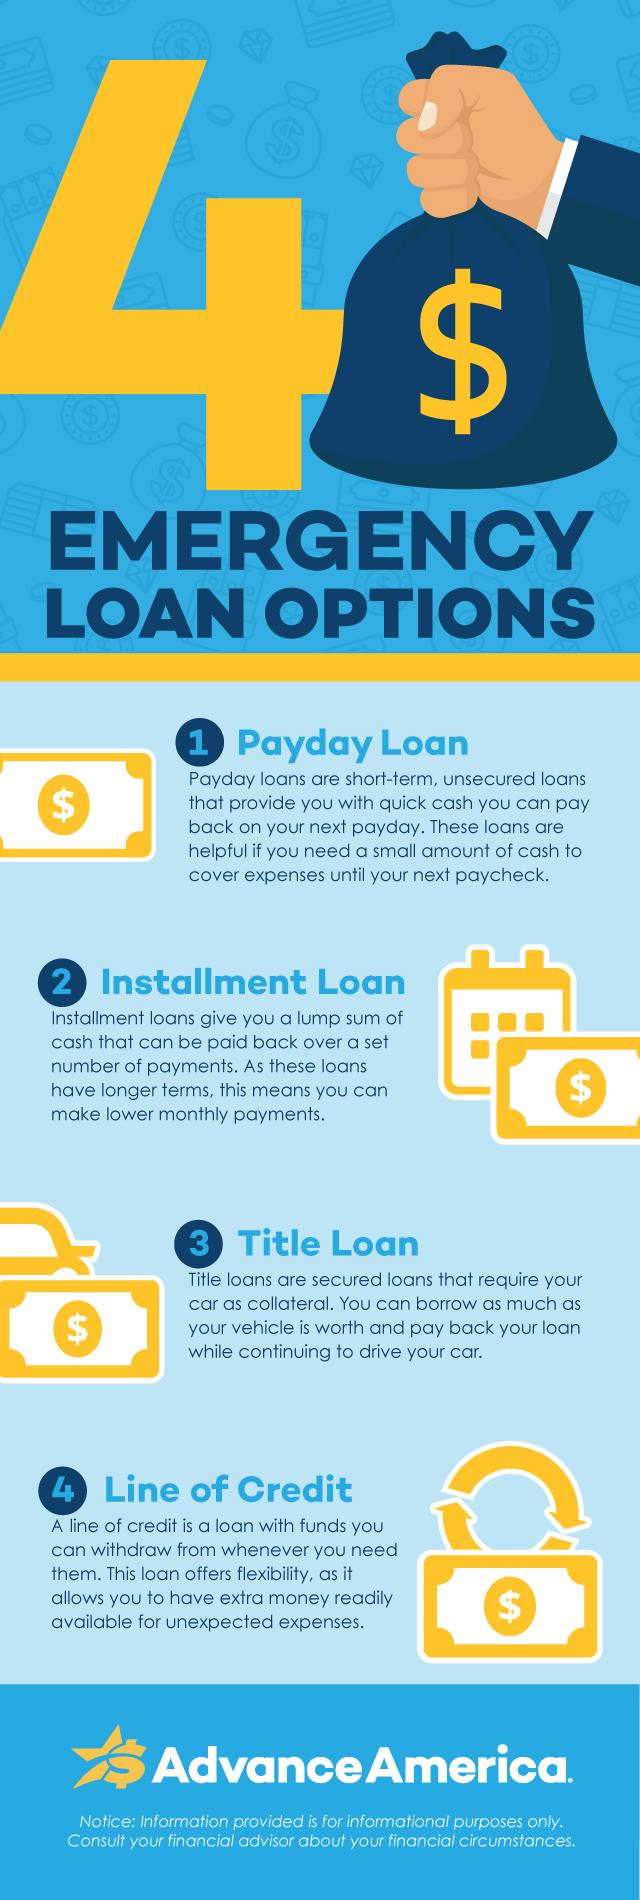 4 emergency loan options